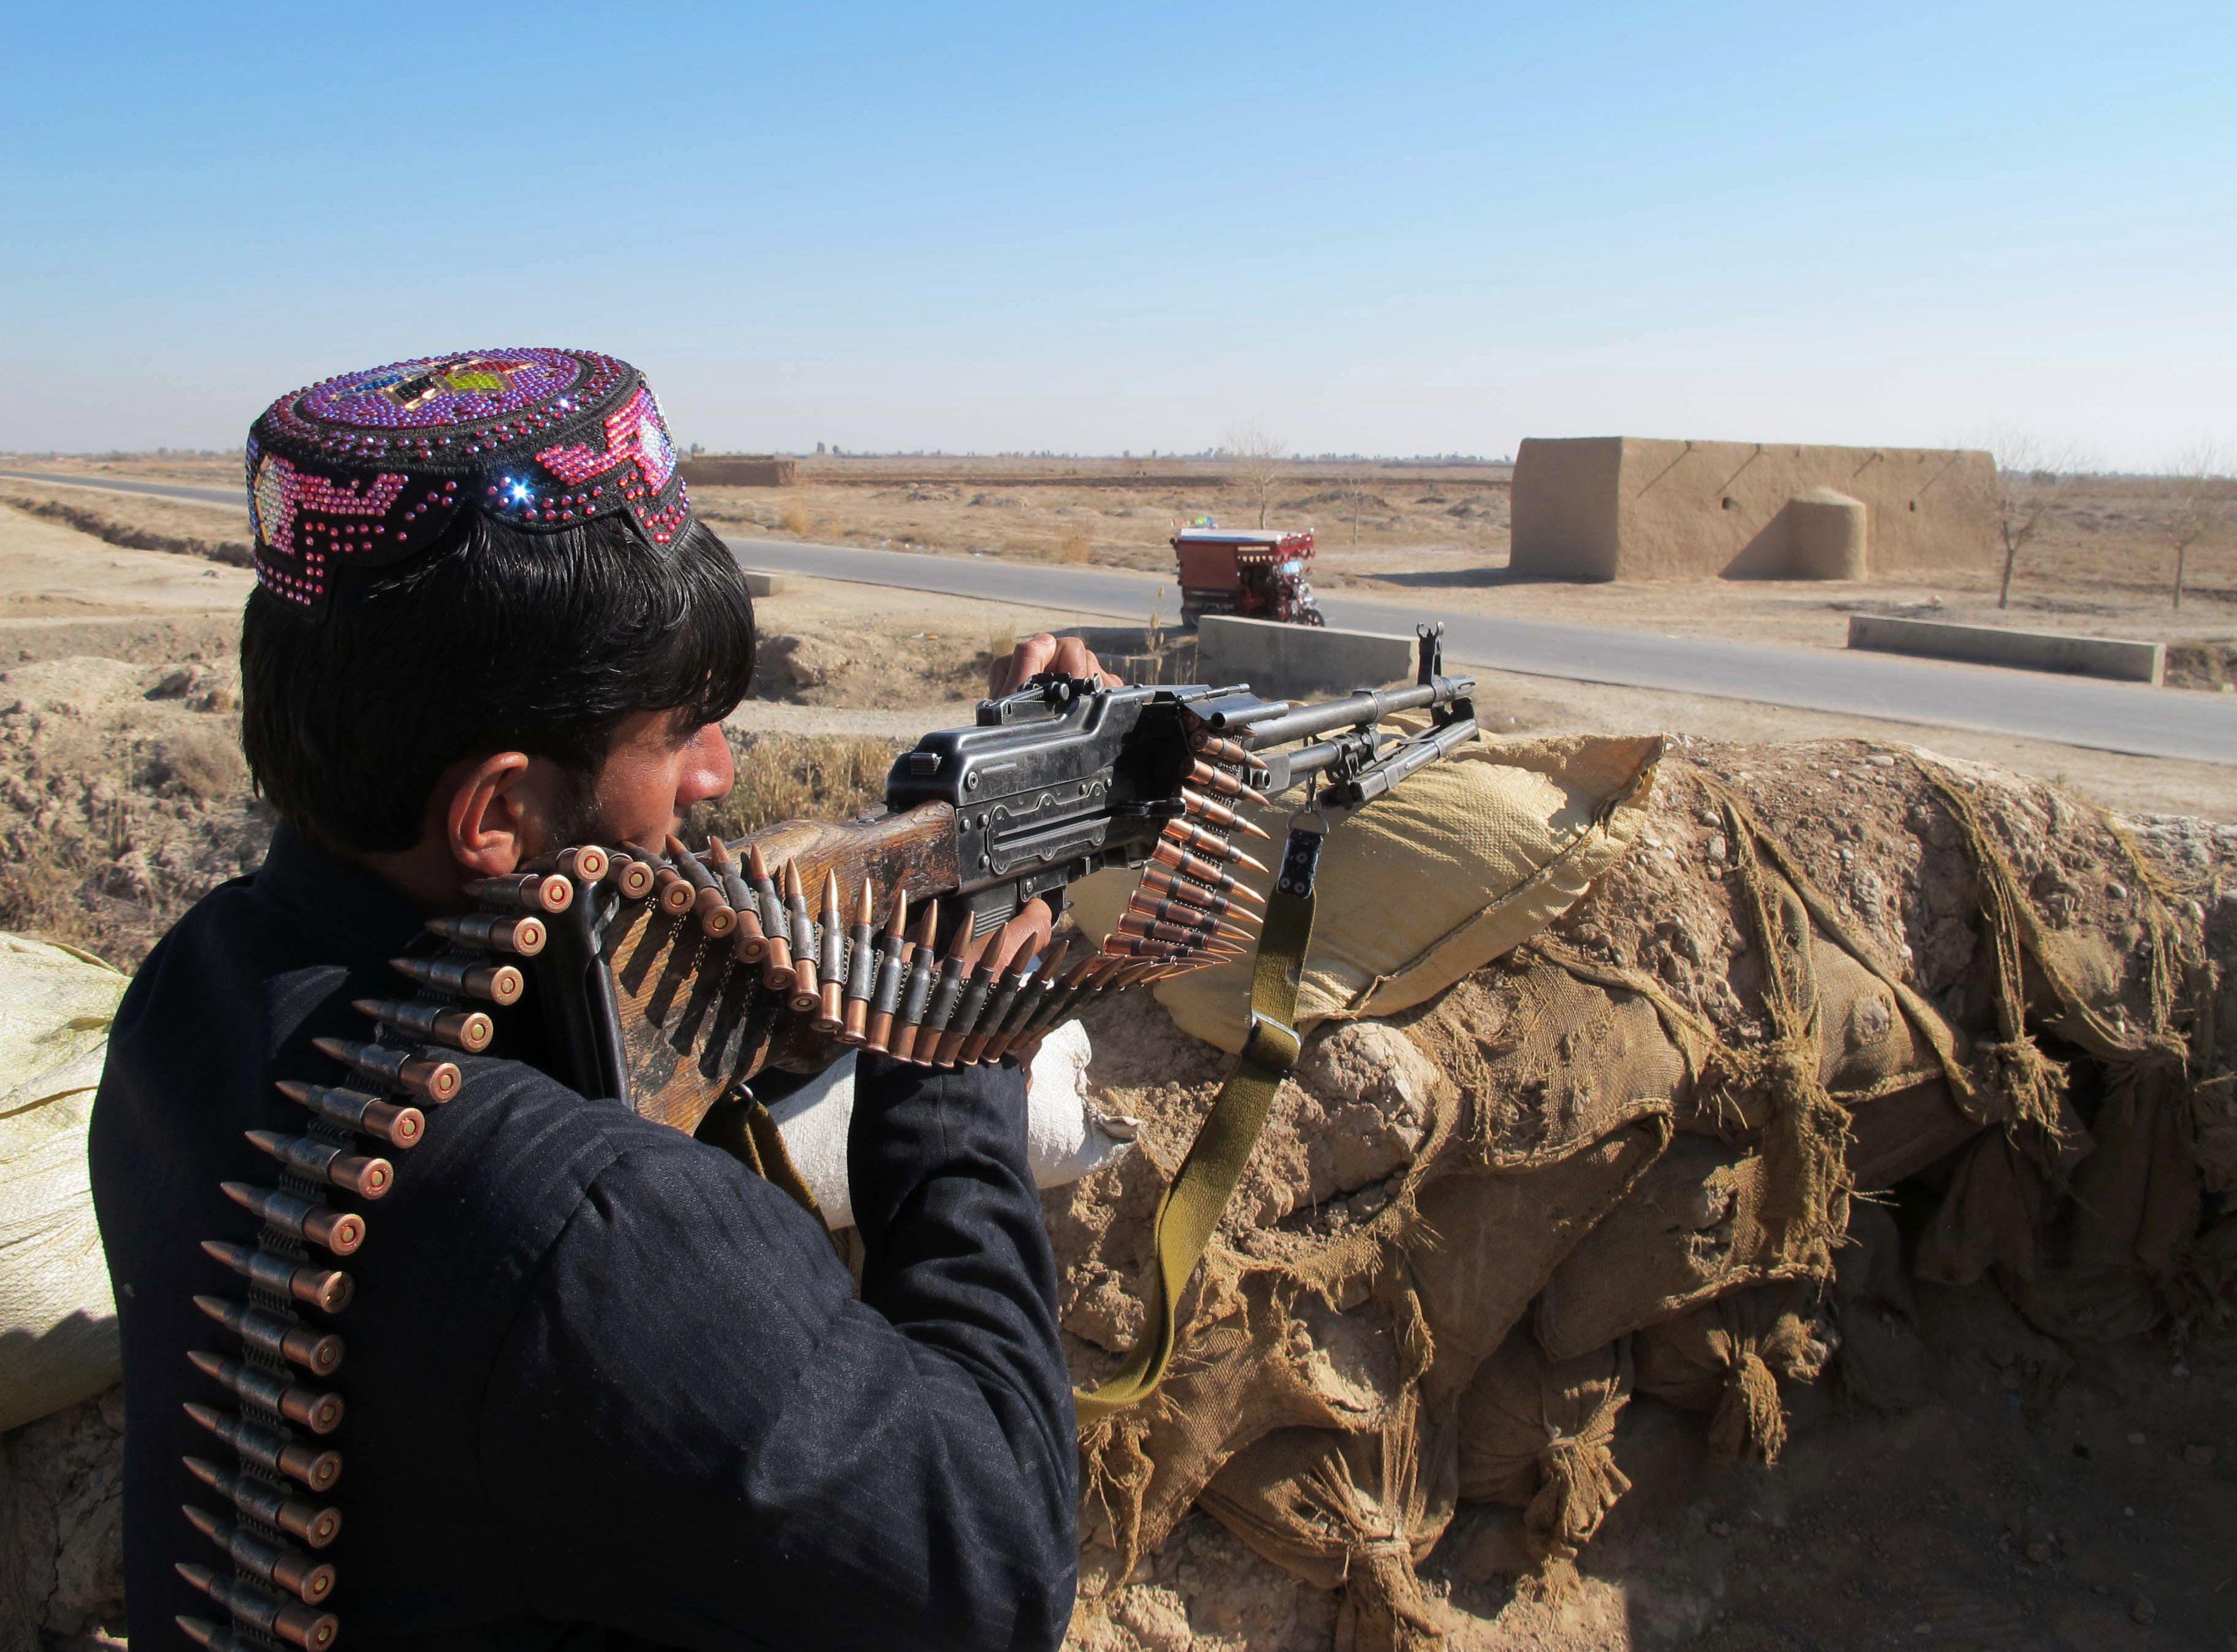 Almeno 32 persone sono state uccise in un attentato in Afghanistan